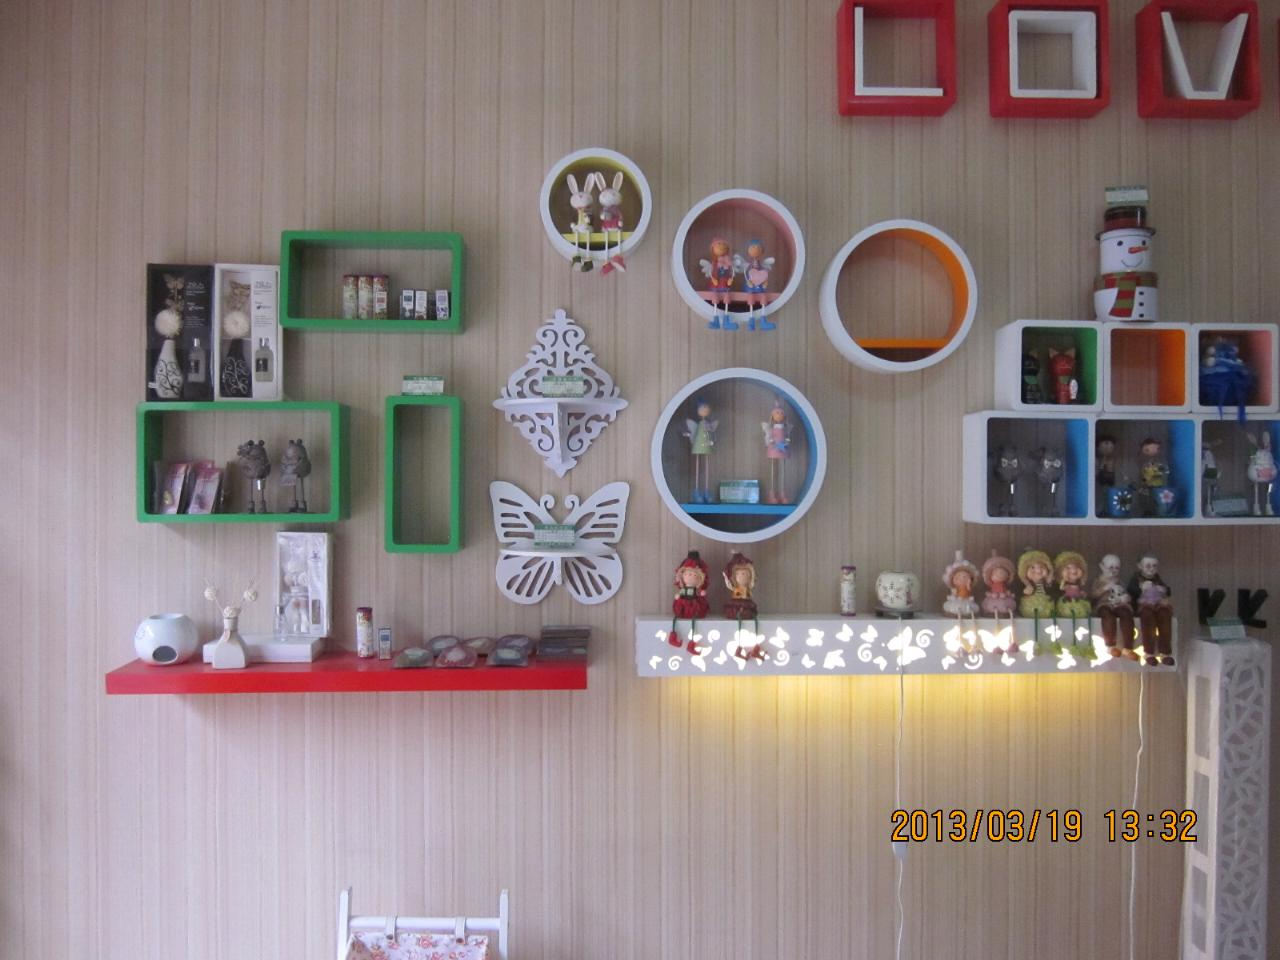 邹城第六元素创意家居生活馆图片